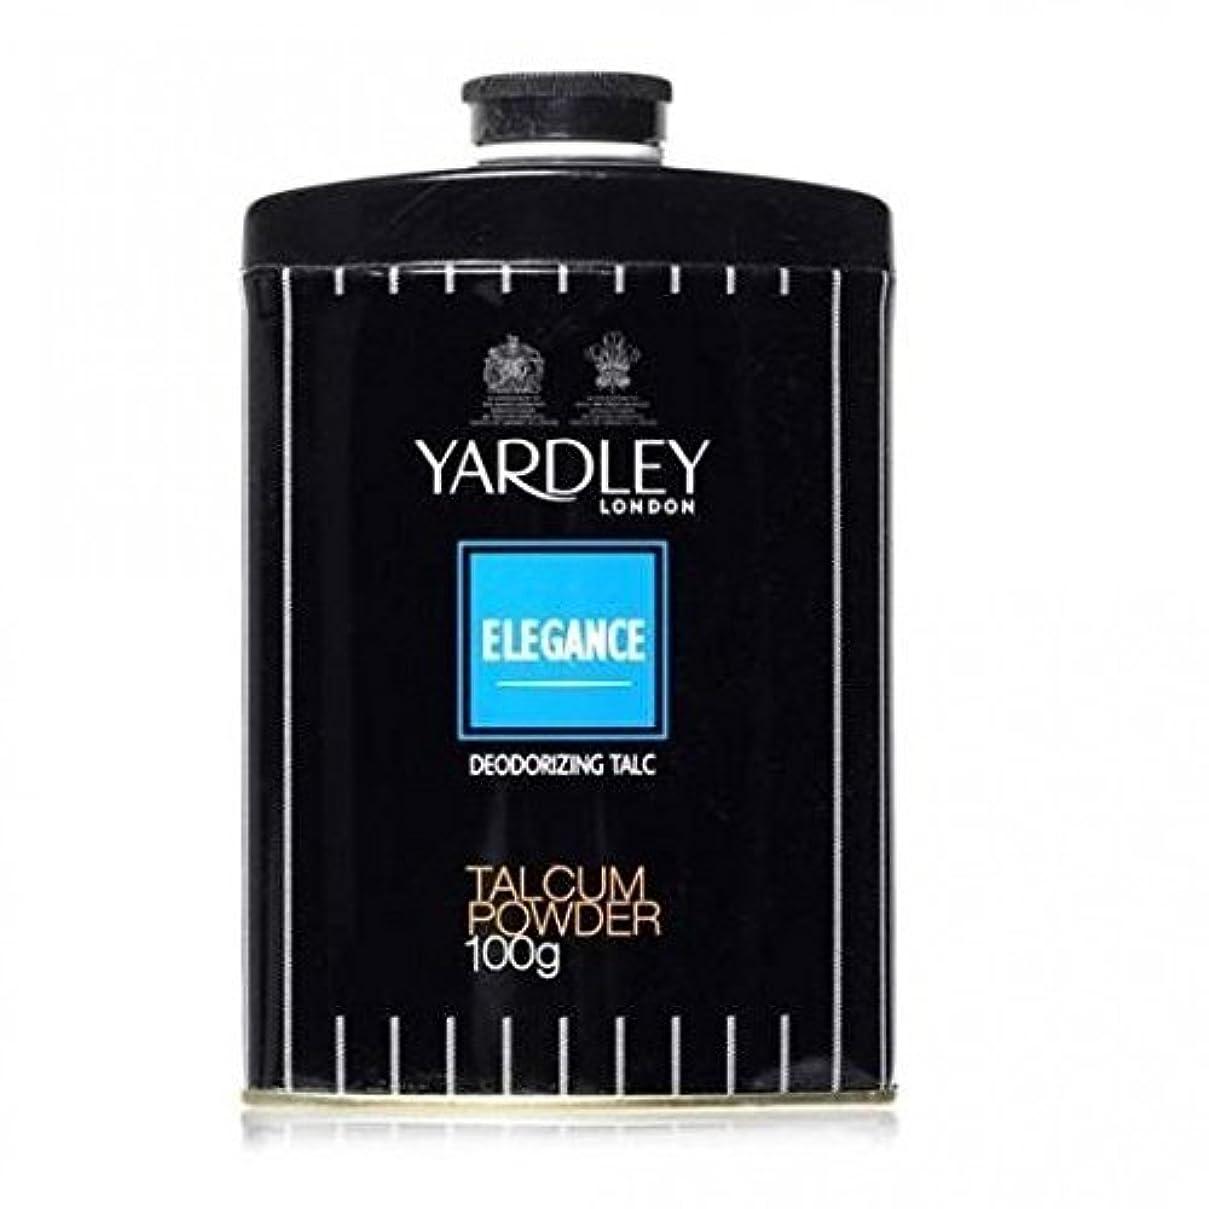 こどもの宮殿放つ激怒Yardley Elegance Deodorizing Talc, 250g by Yardley [並行輸入品]